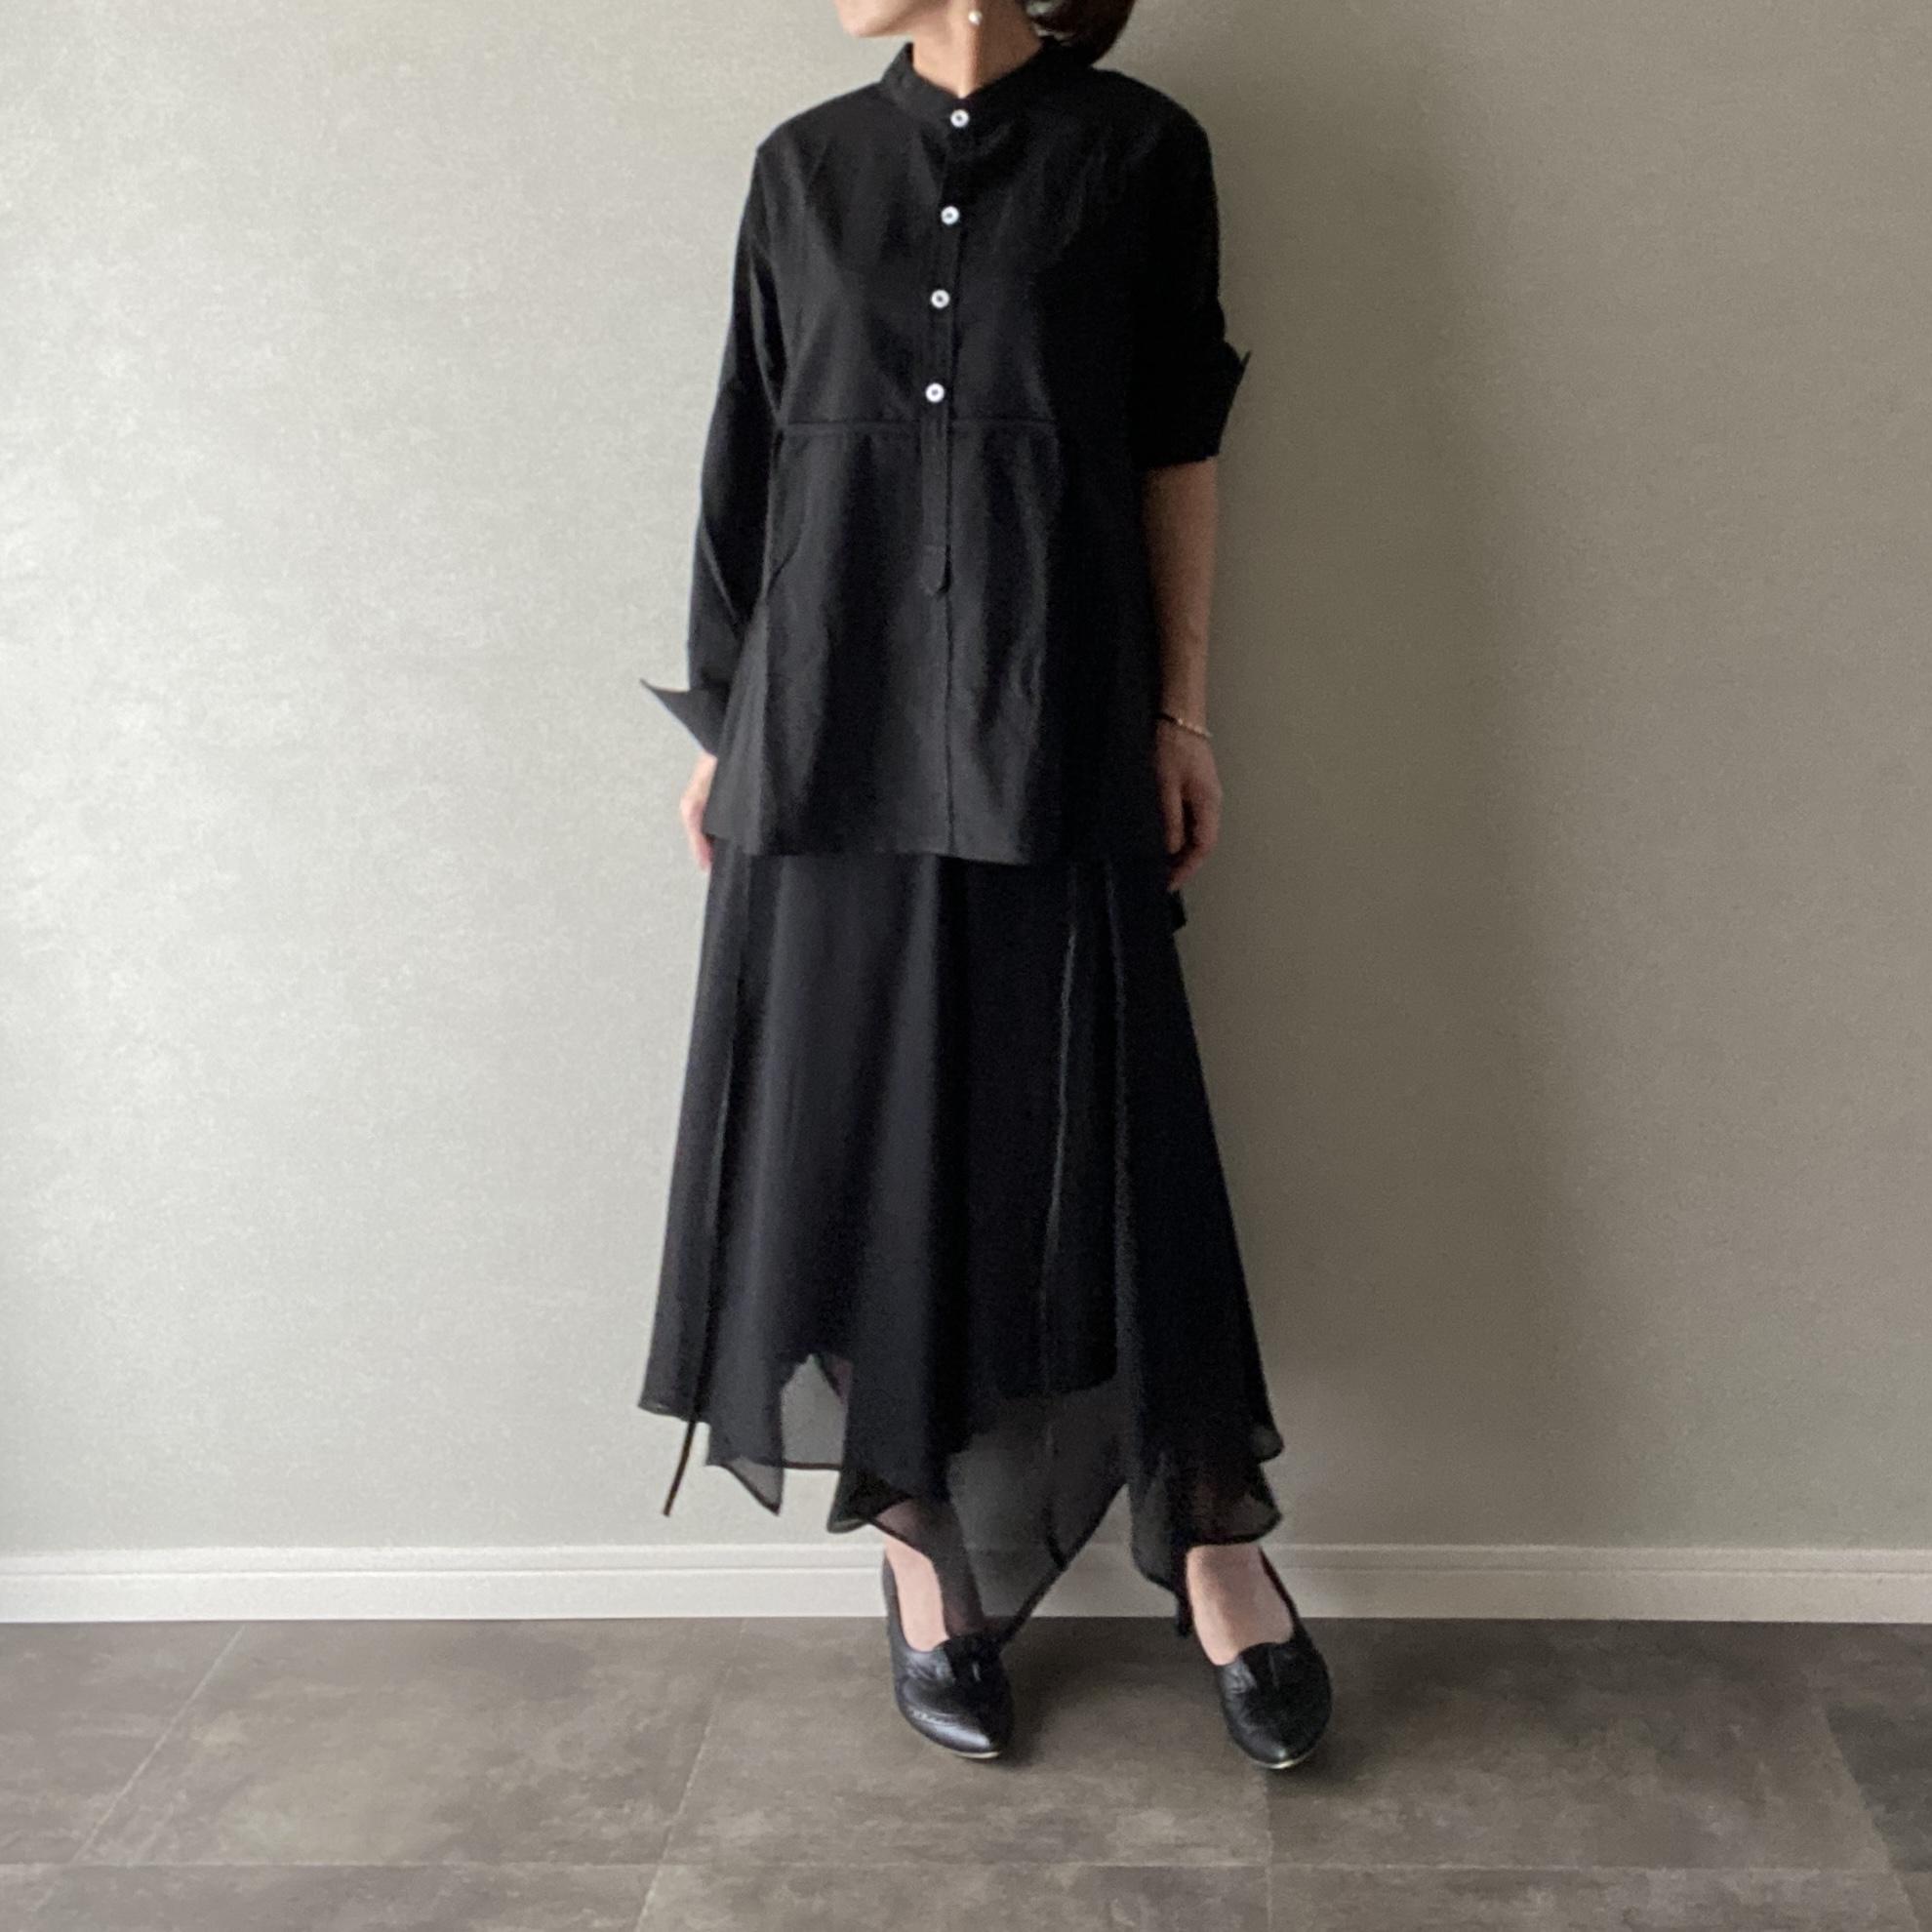 シャツ ブラウス アシンメトリー ウエストリボン 長袖 ブラック   フリーサイズ【12900105】